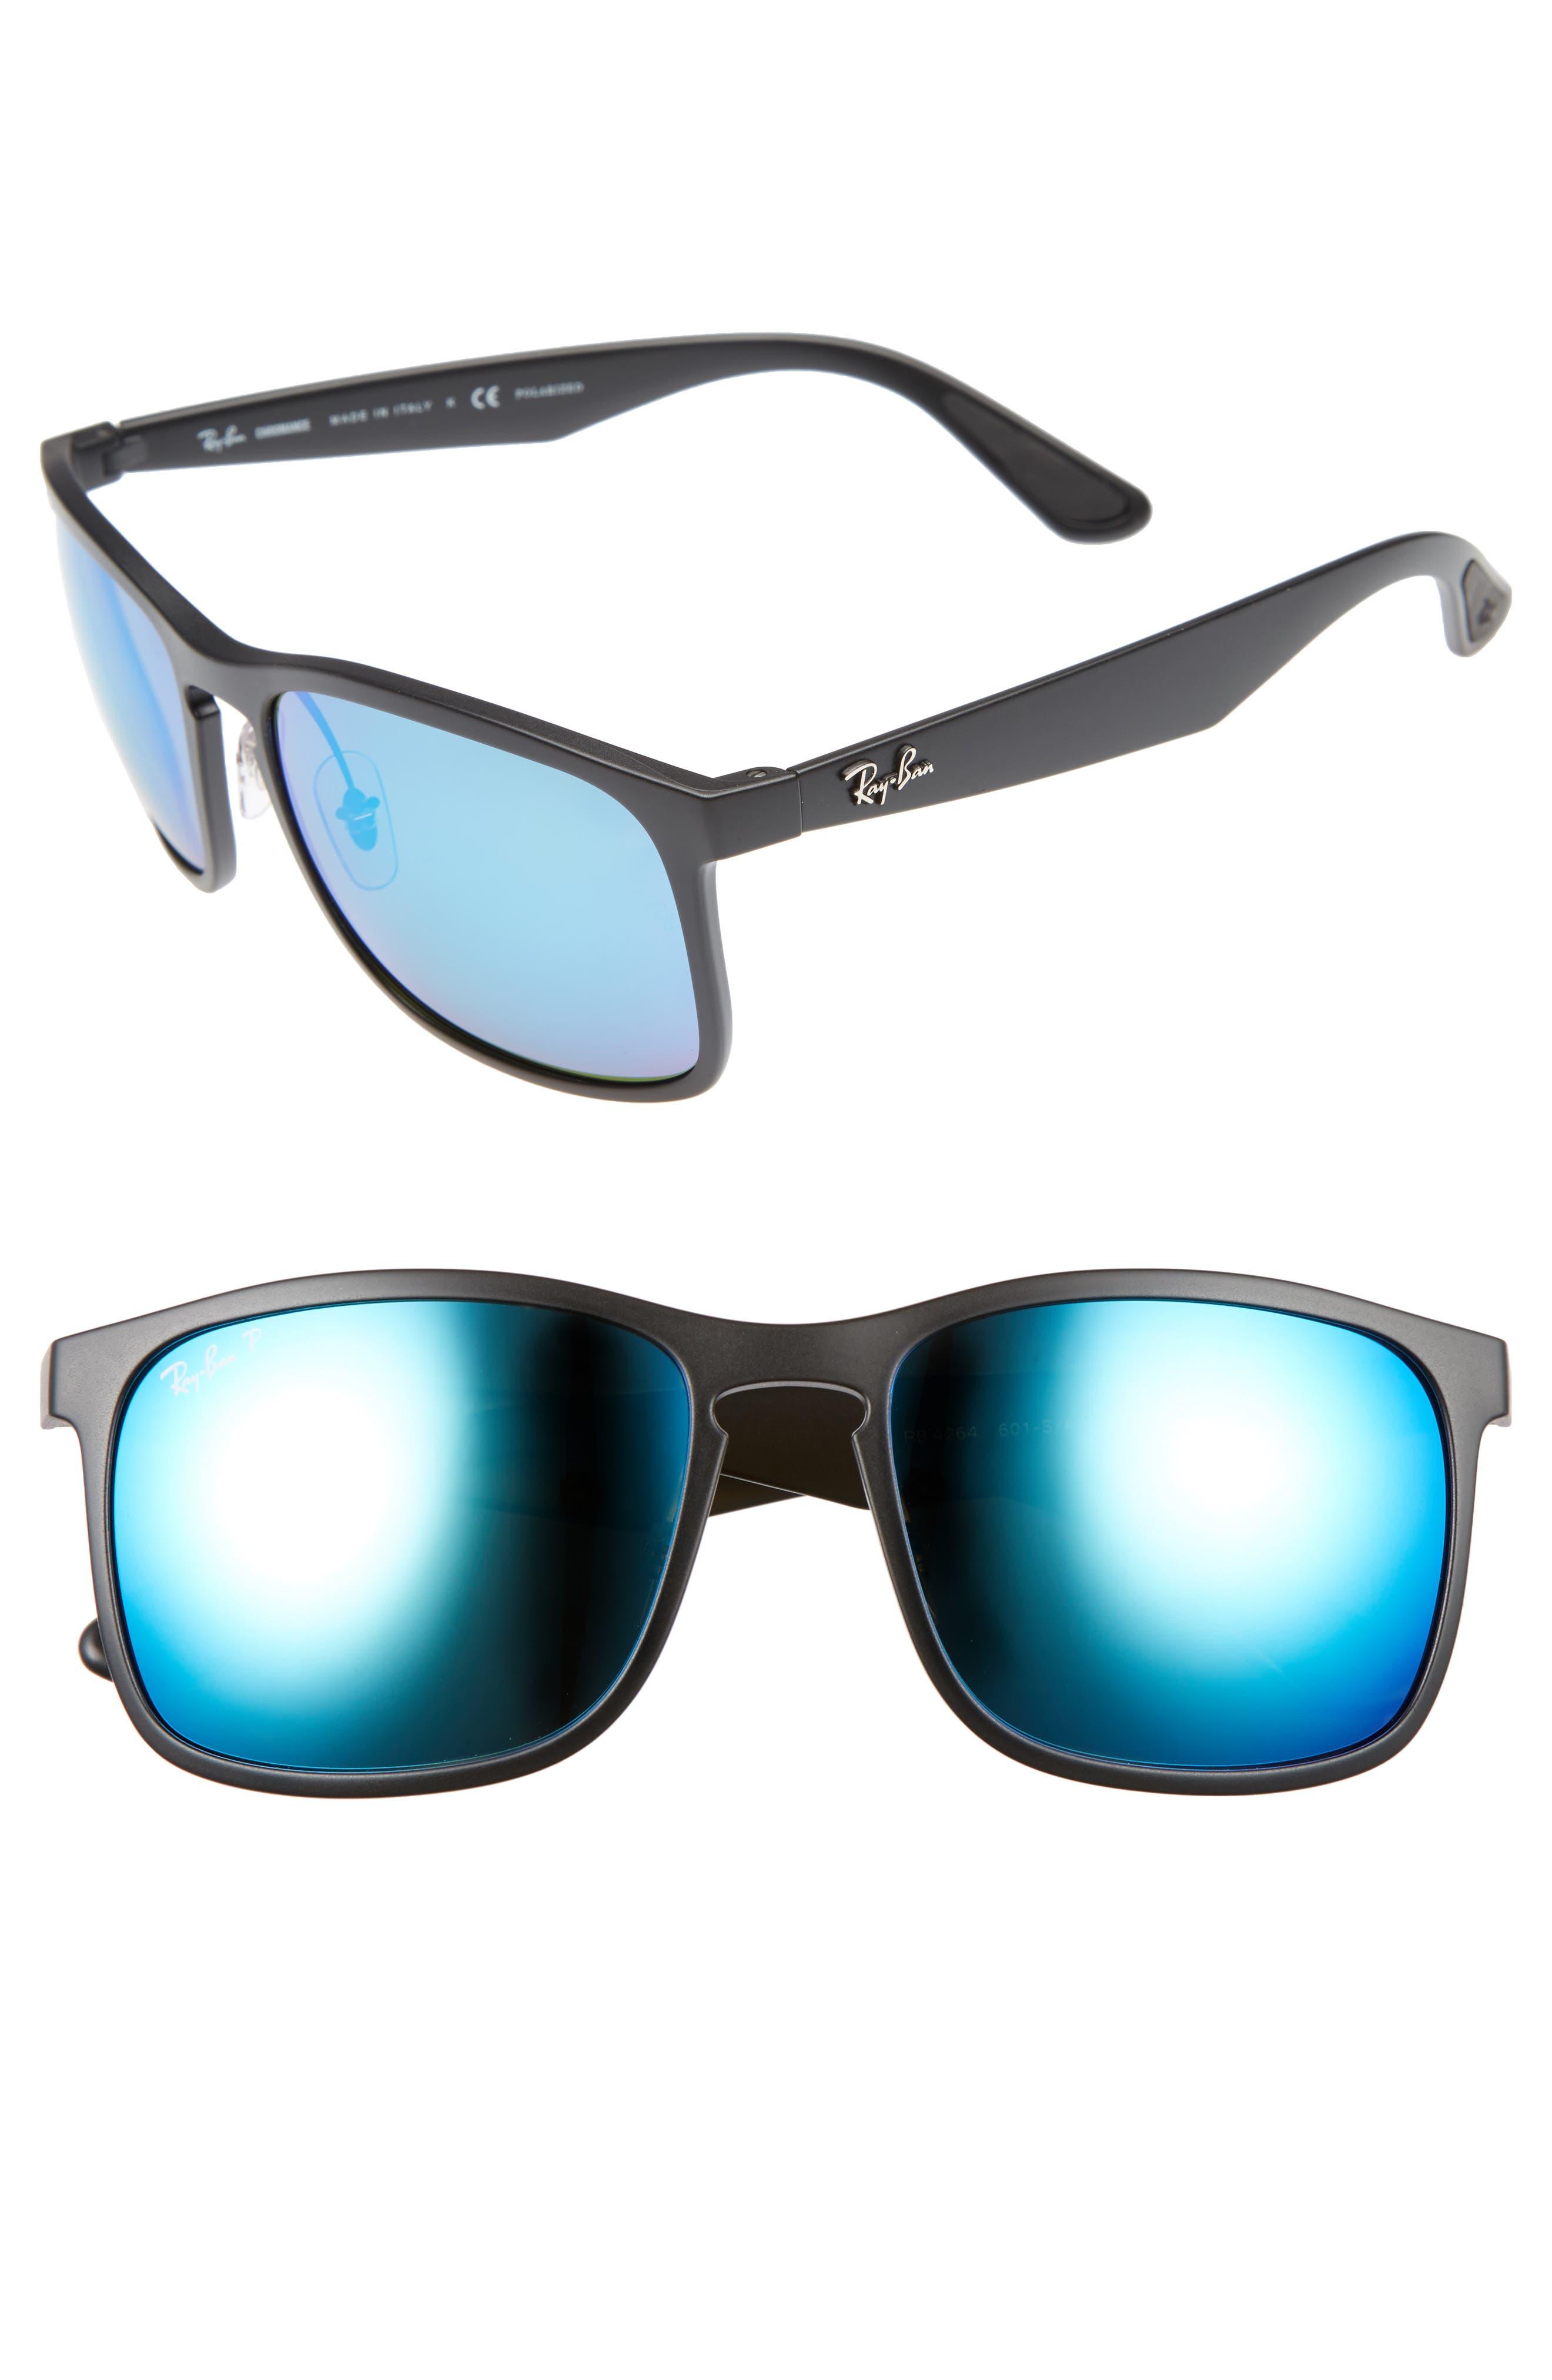 58mm Polarized Sunglasses,                             Alternate thumbnail 3, color,                             MATTE BLACK/BLUE FLASH